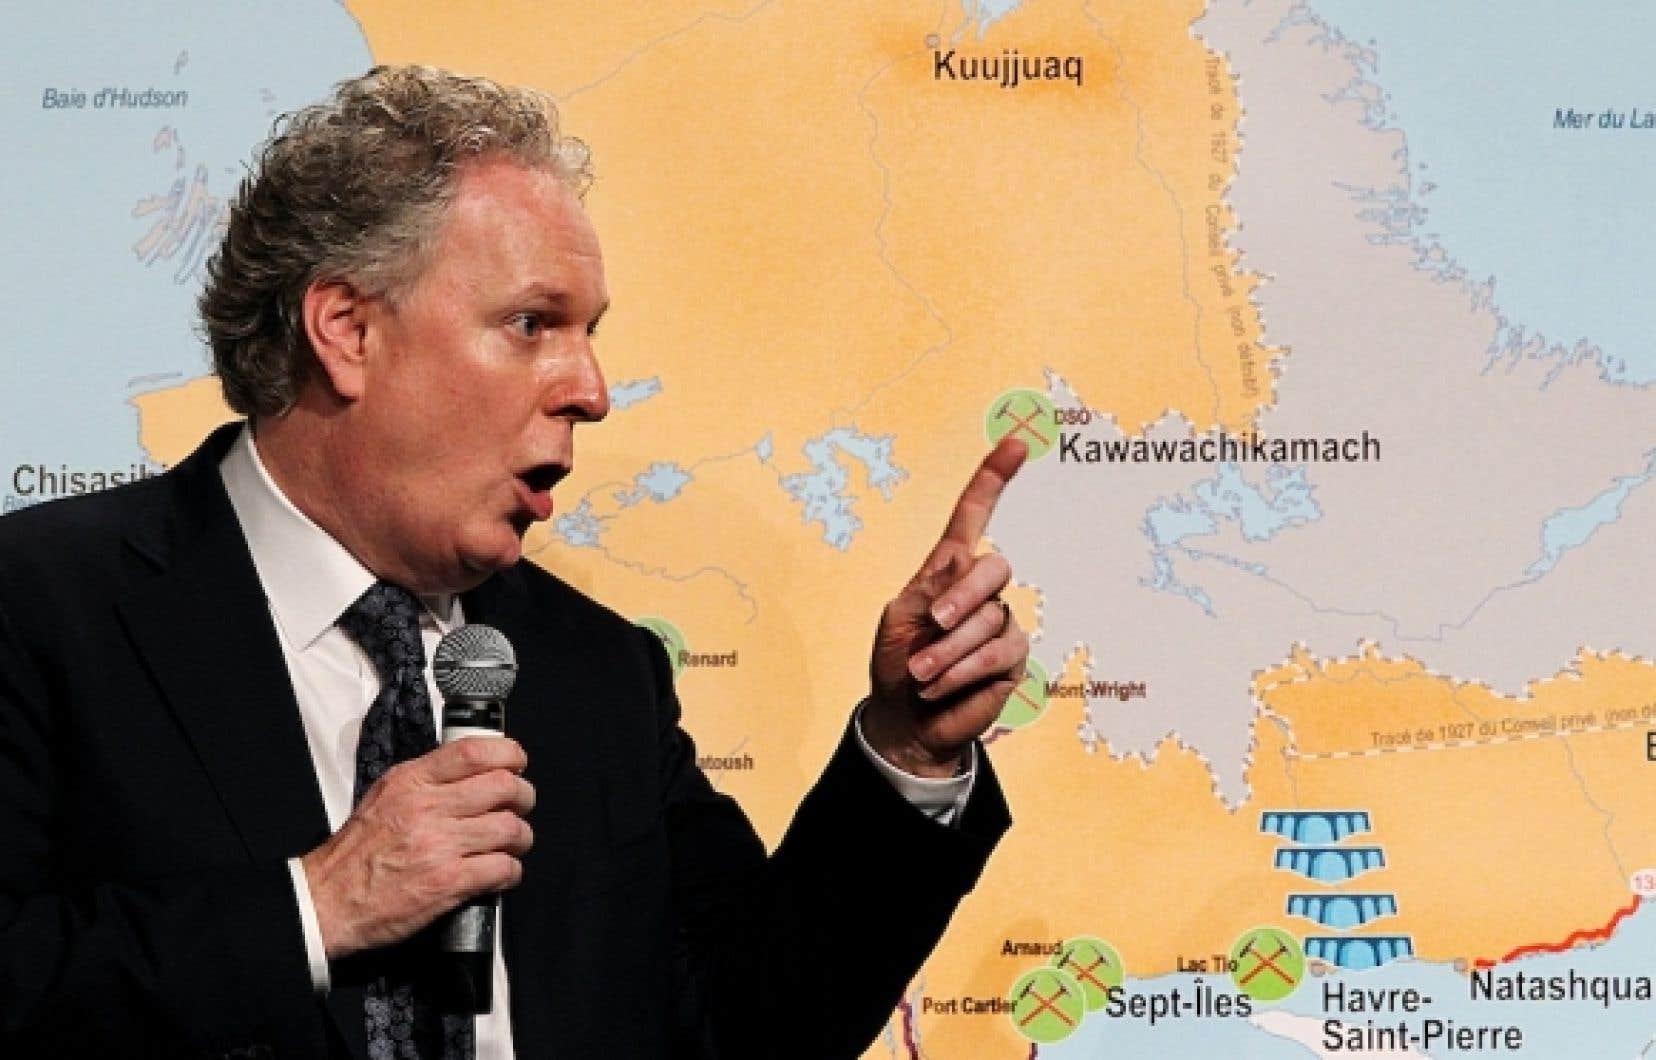 Le plan nord aidera revendiquer le futur passage du nord for Chambre de commerce de montreal nord